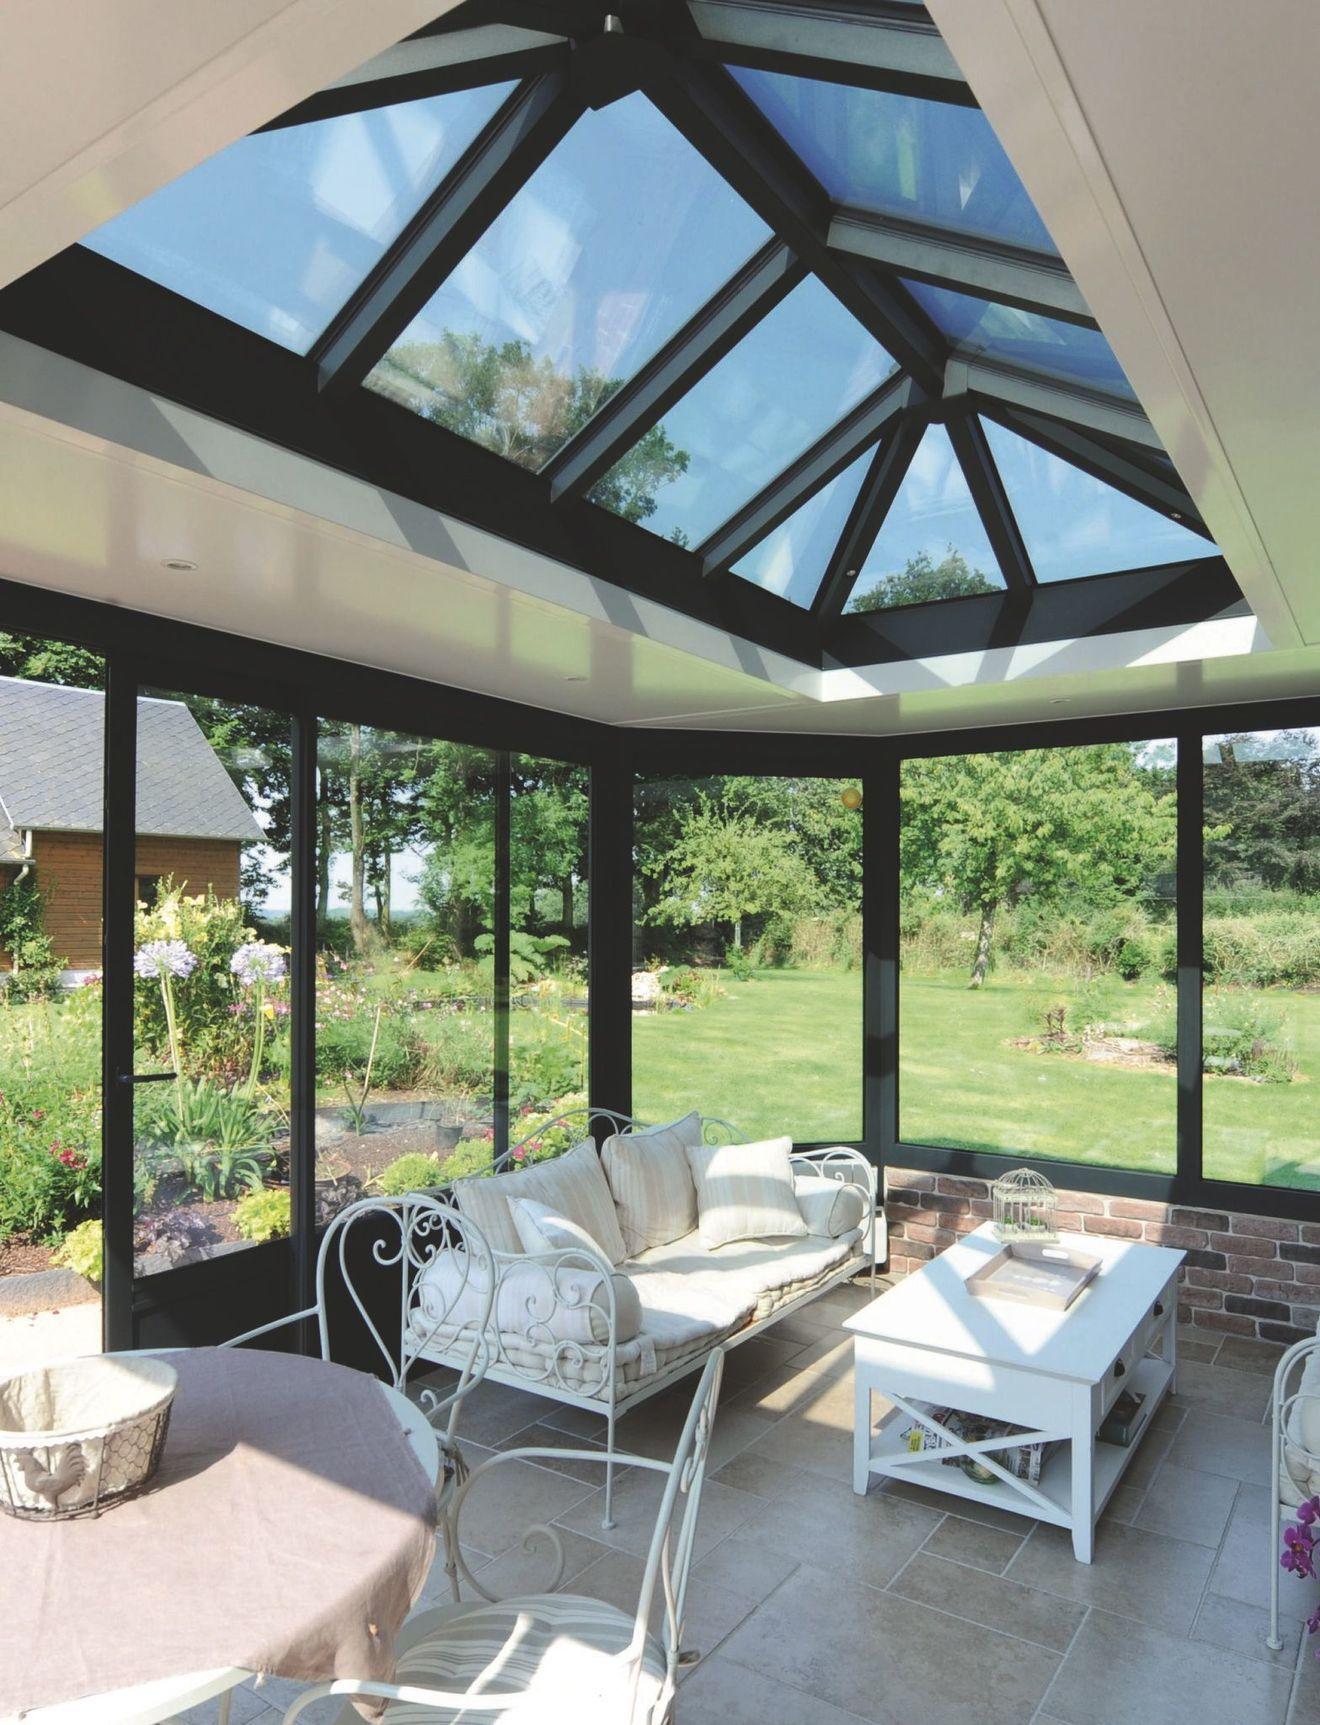 Véranda : 15 modèles d'extension de maison | Extension maison, Veranda moderne et Véranda en verre